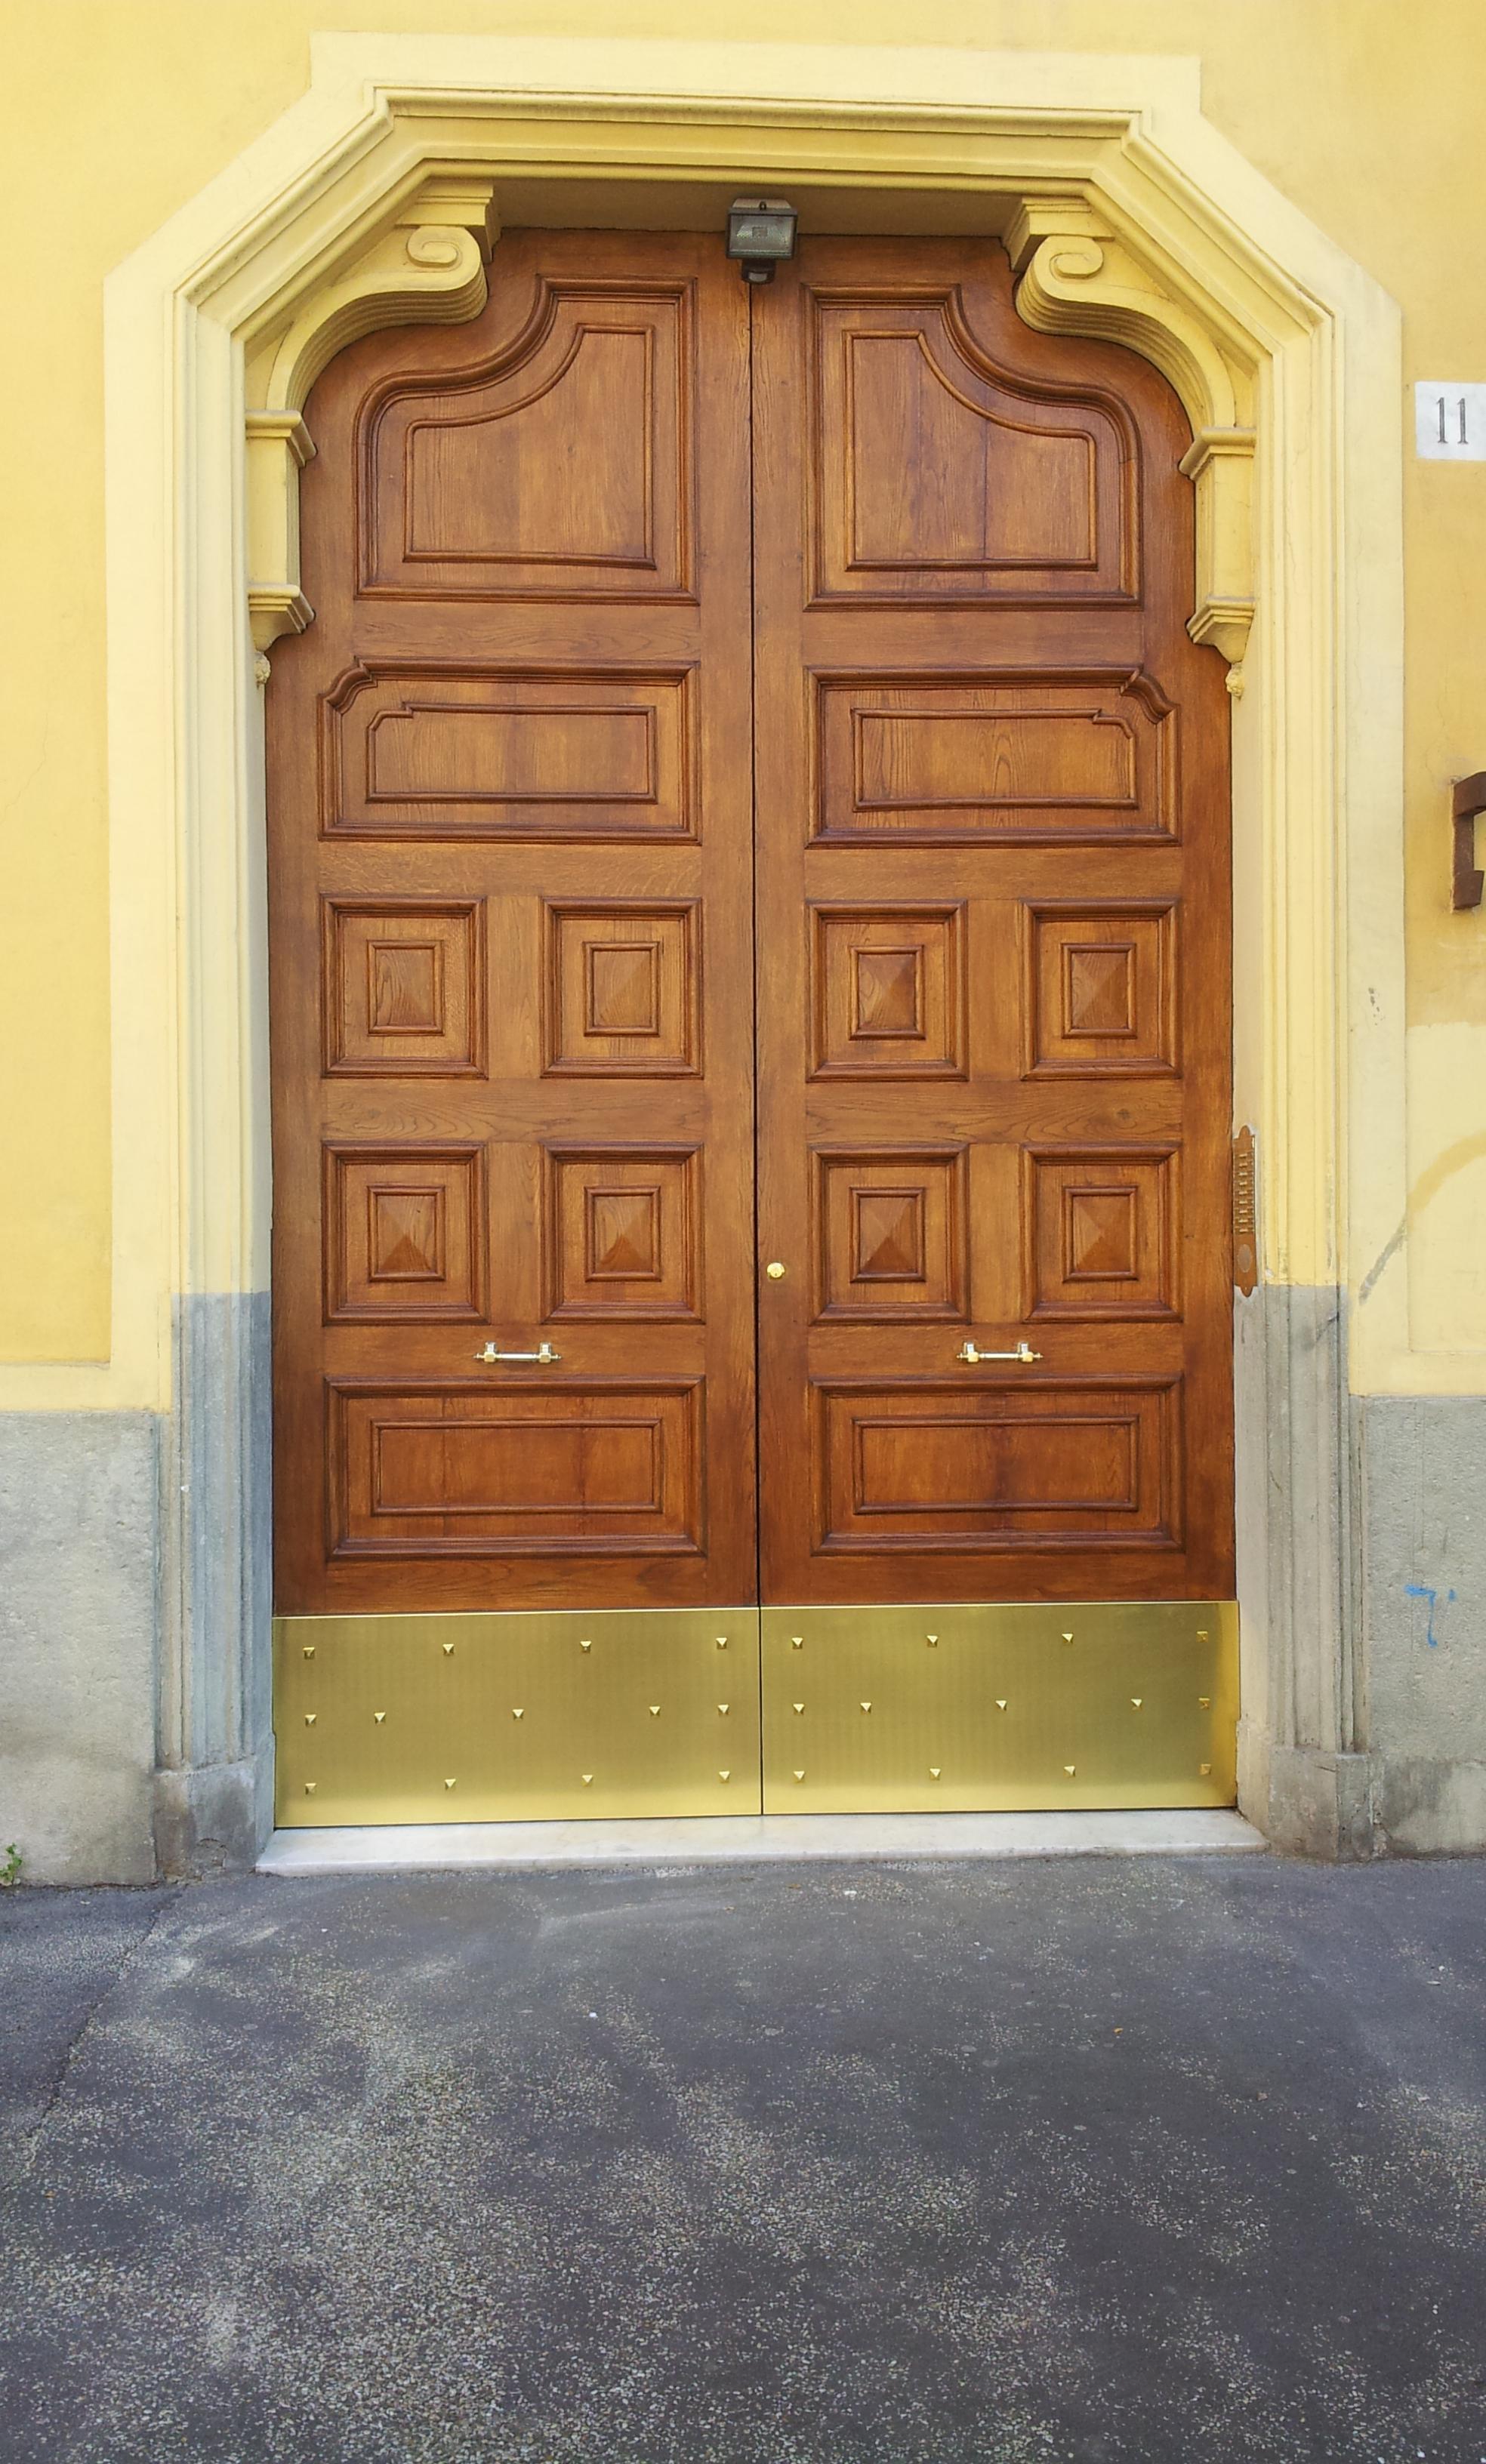 Restauro portone in legno condominiale via col di lana 11 restauro portoni in legno - Restauro finestre in legno ...